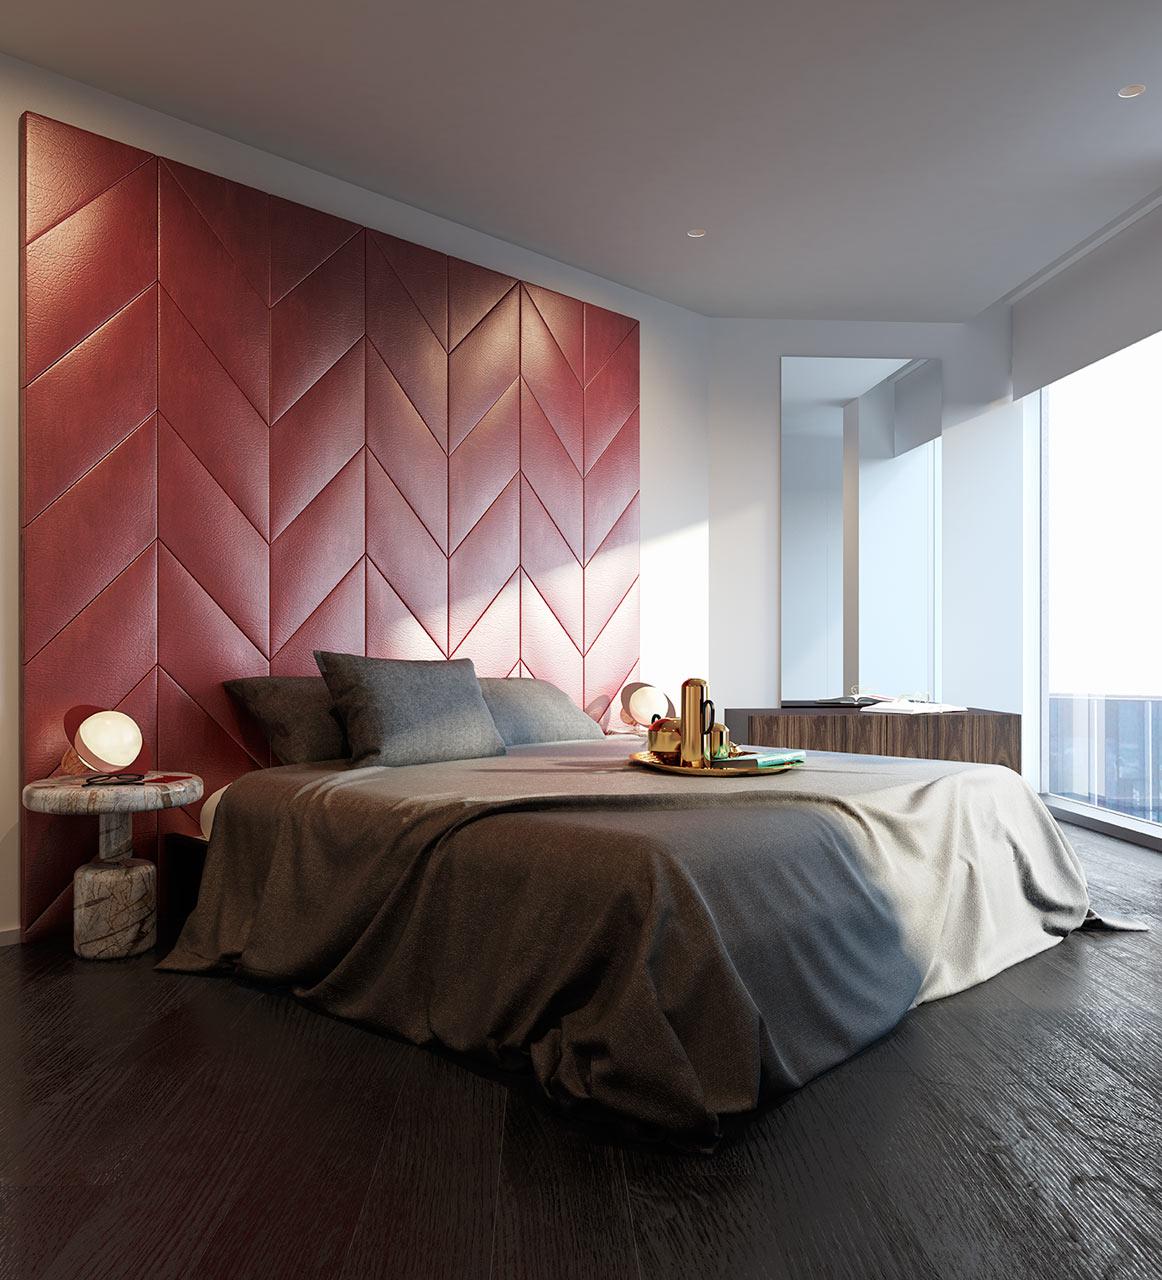 غرفة نوم مودرن 13 جرأة وروعة الألوان في تصميم وحدات سكنية عصرية